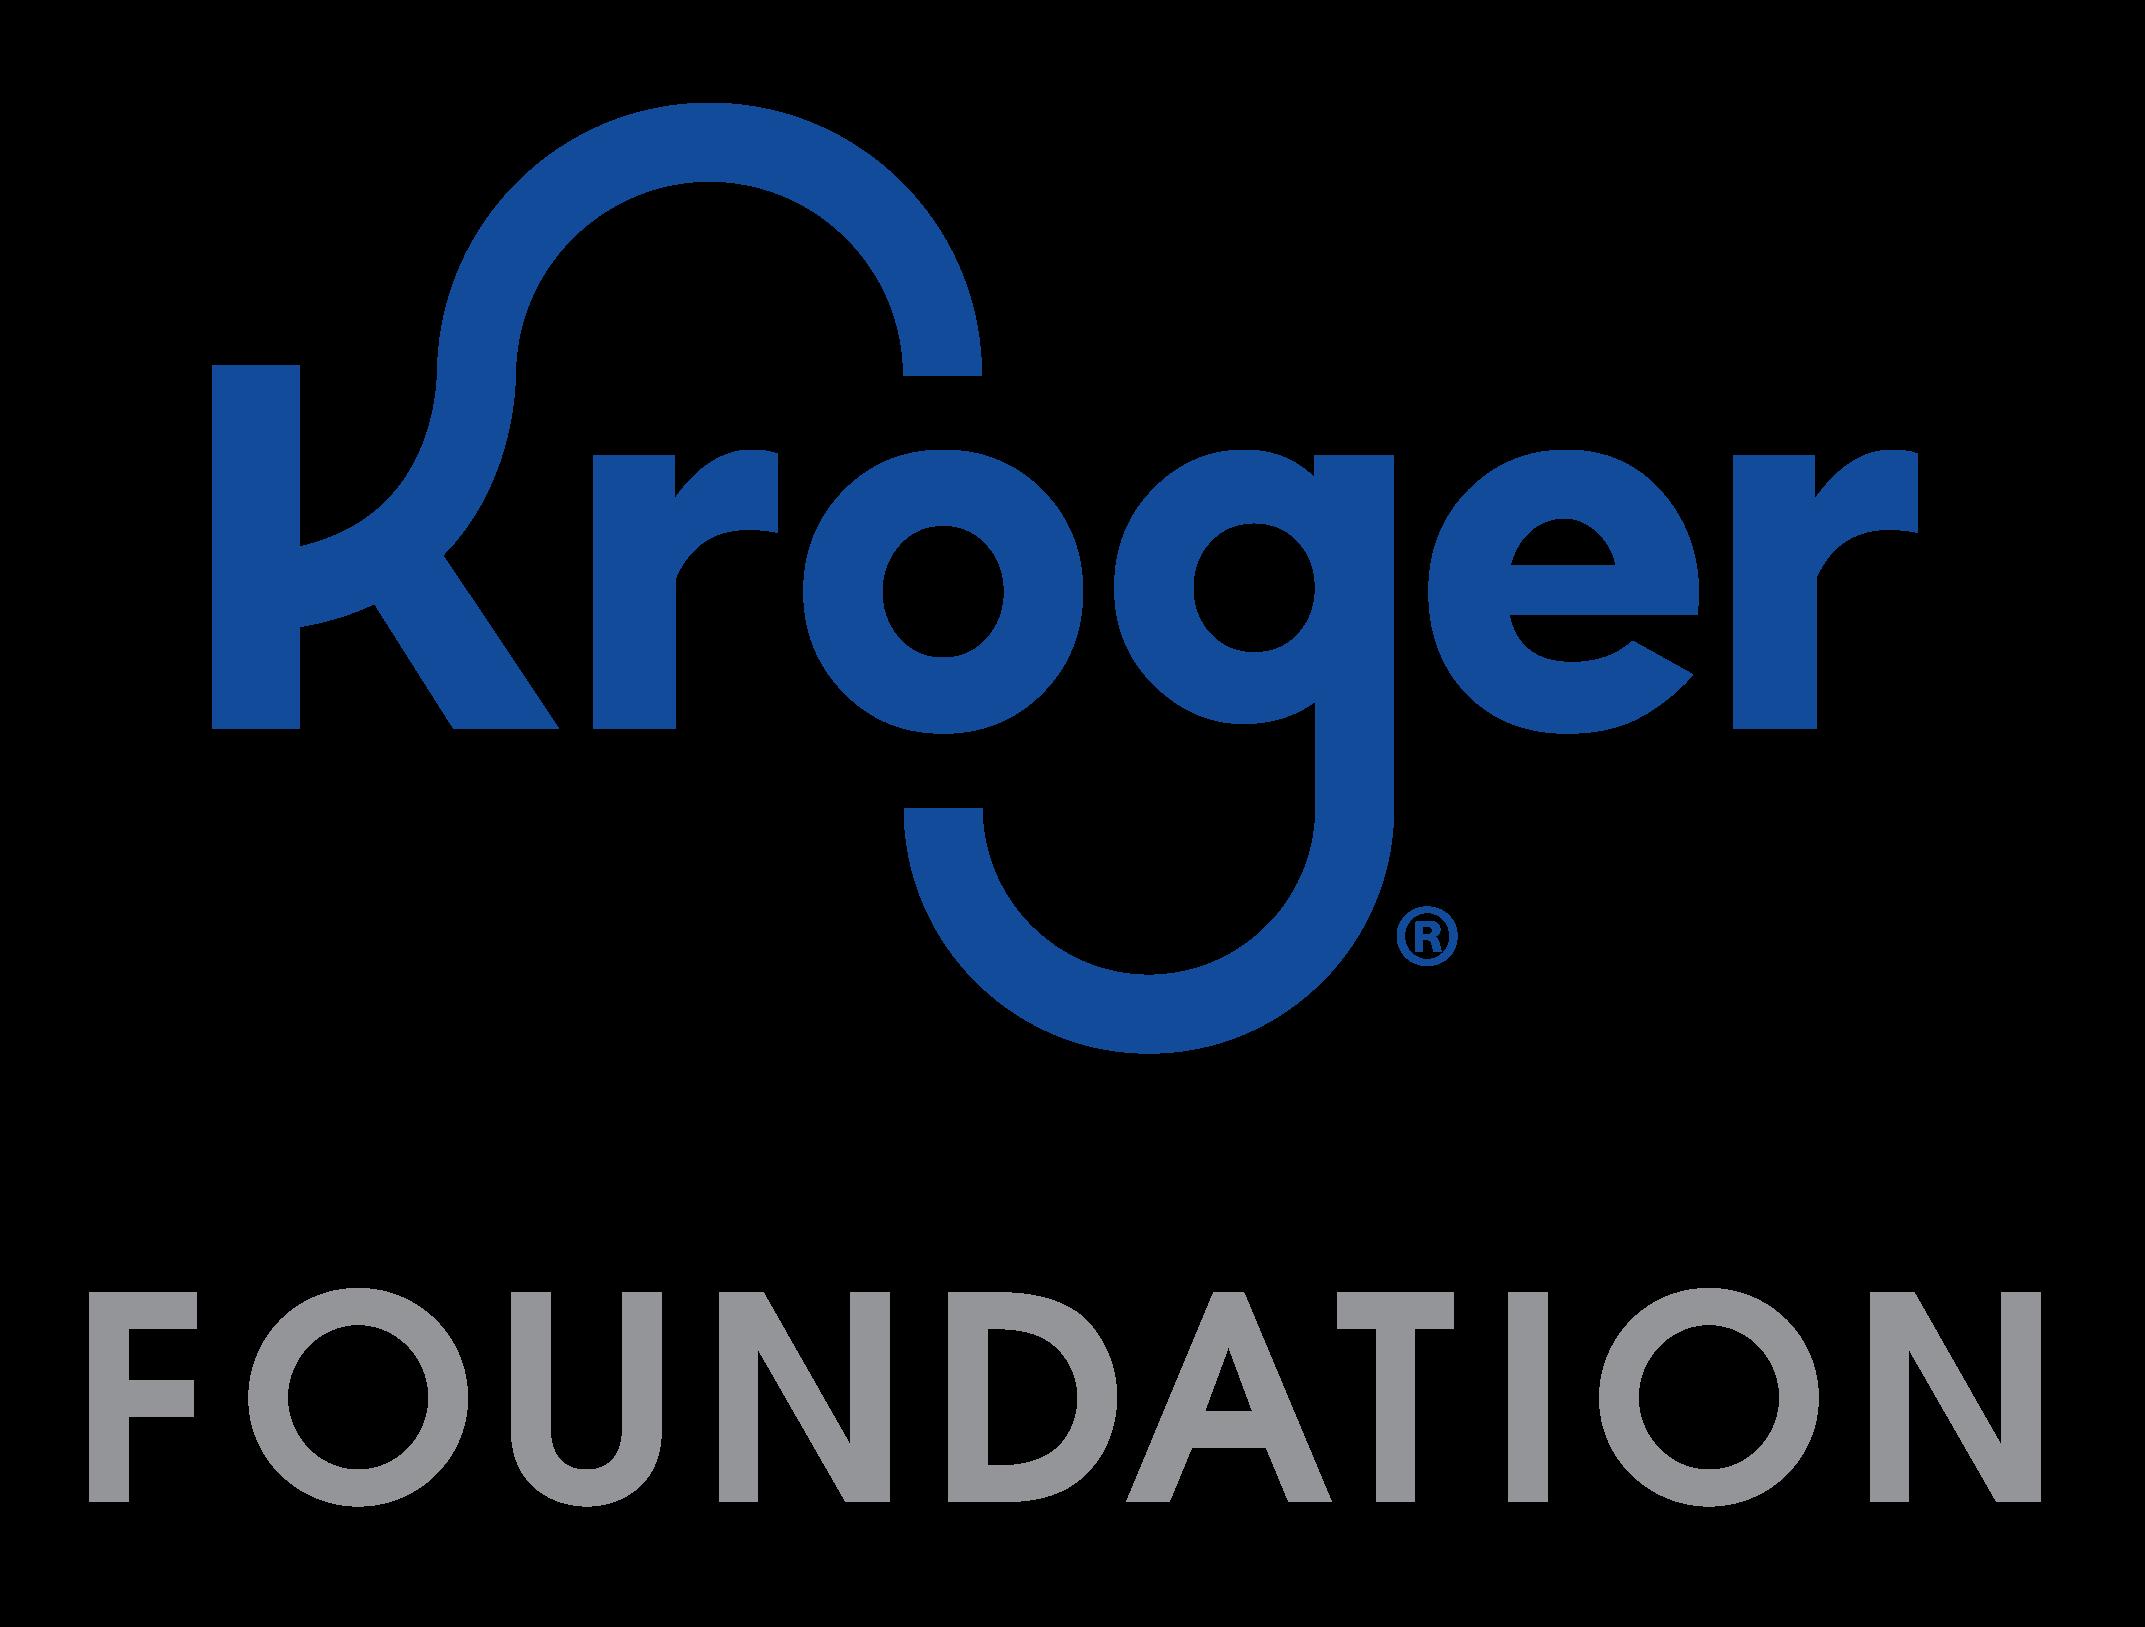 Kroger Foundation logo